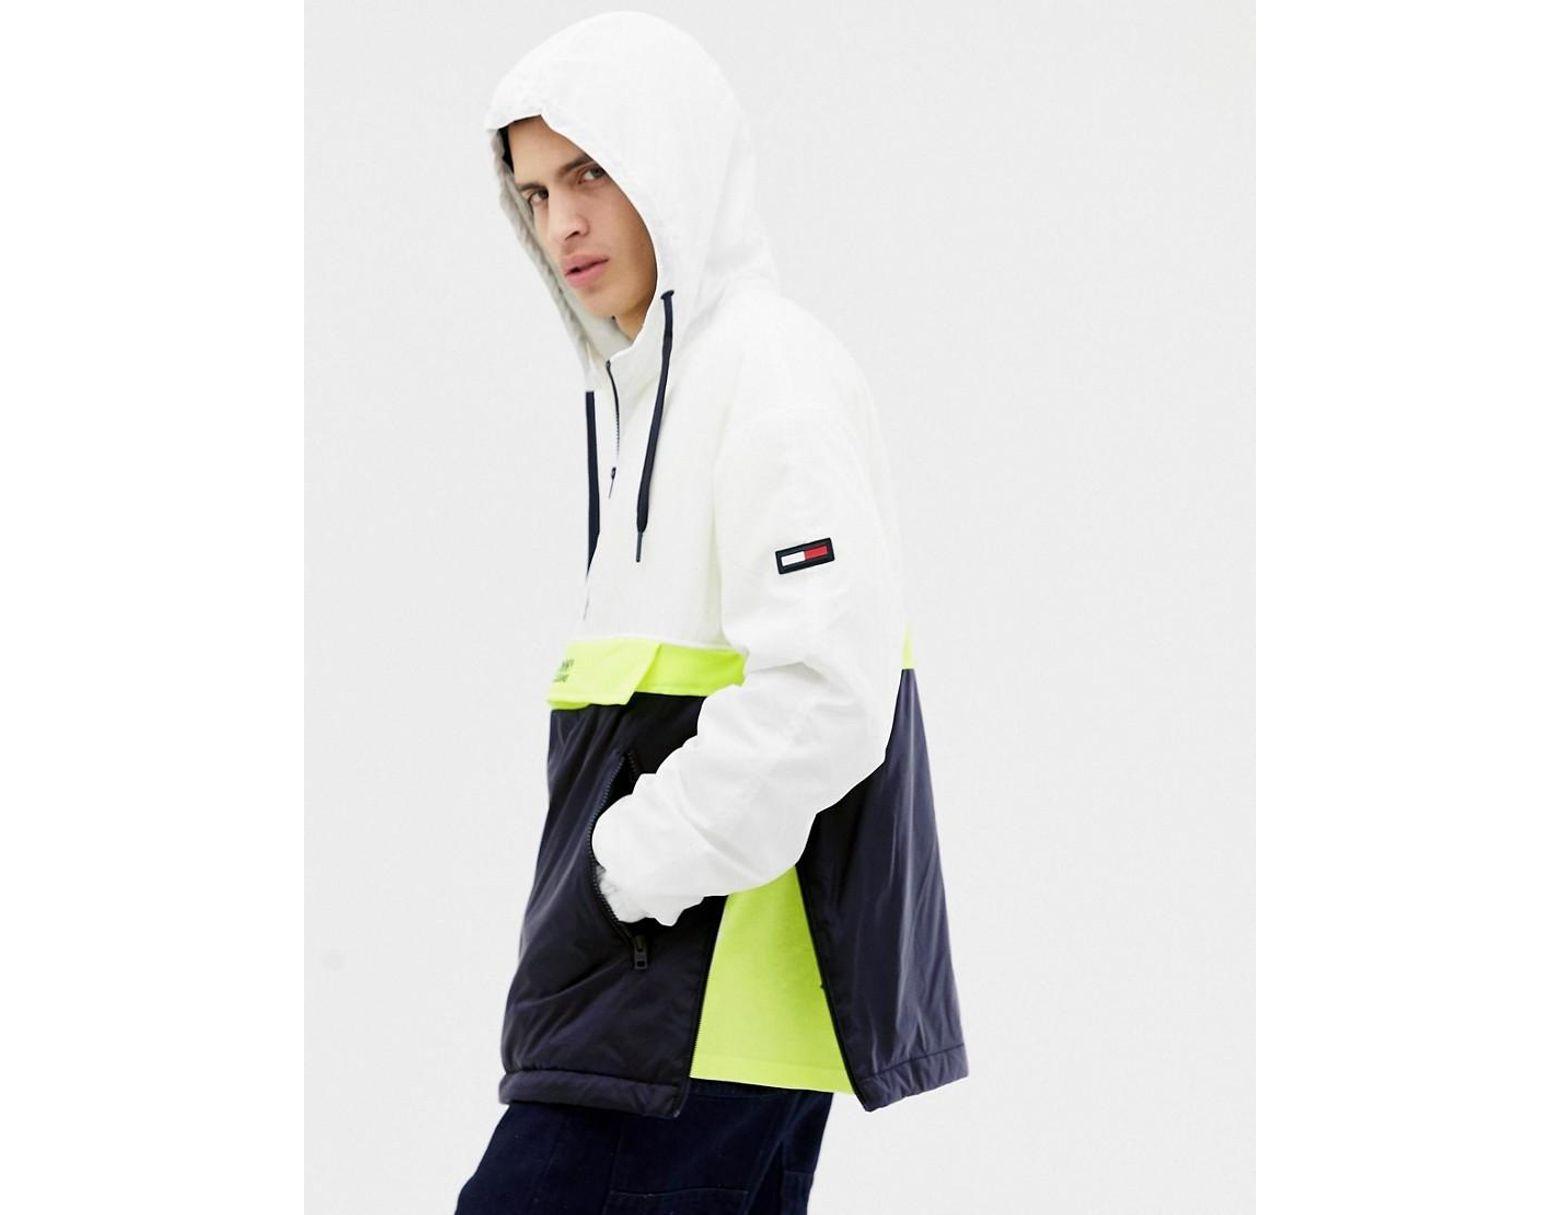 Hoodie à capuche style color block à enfiler avec logo sur le devant Blancjaunebleu marine homme